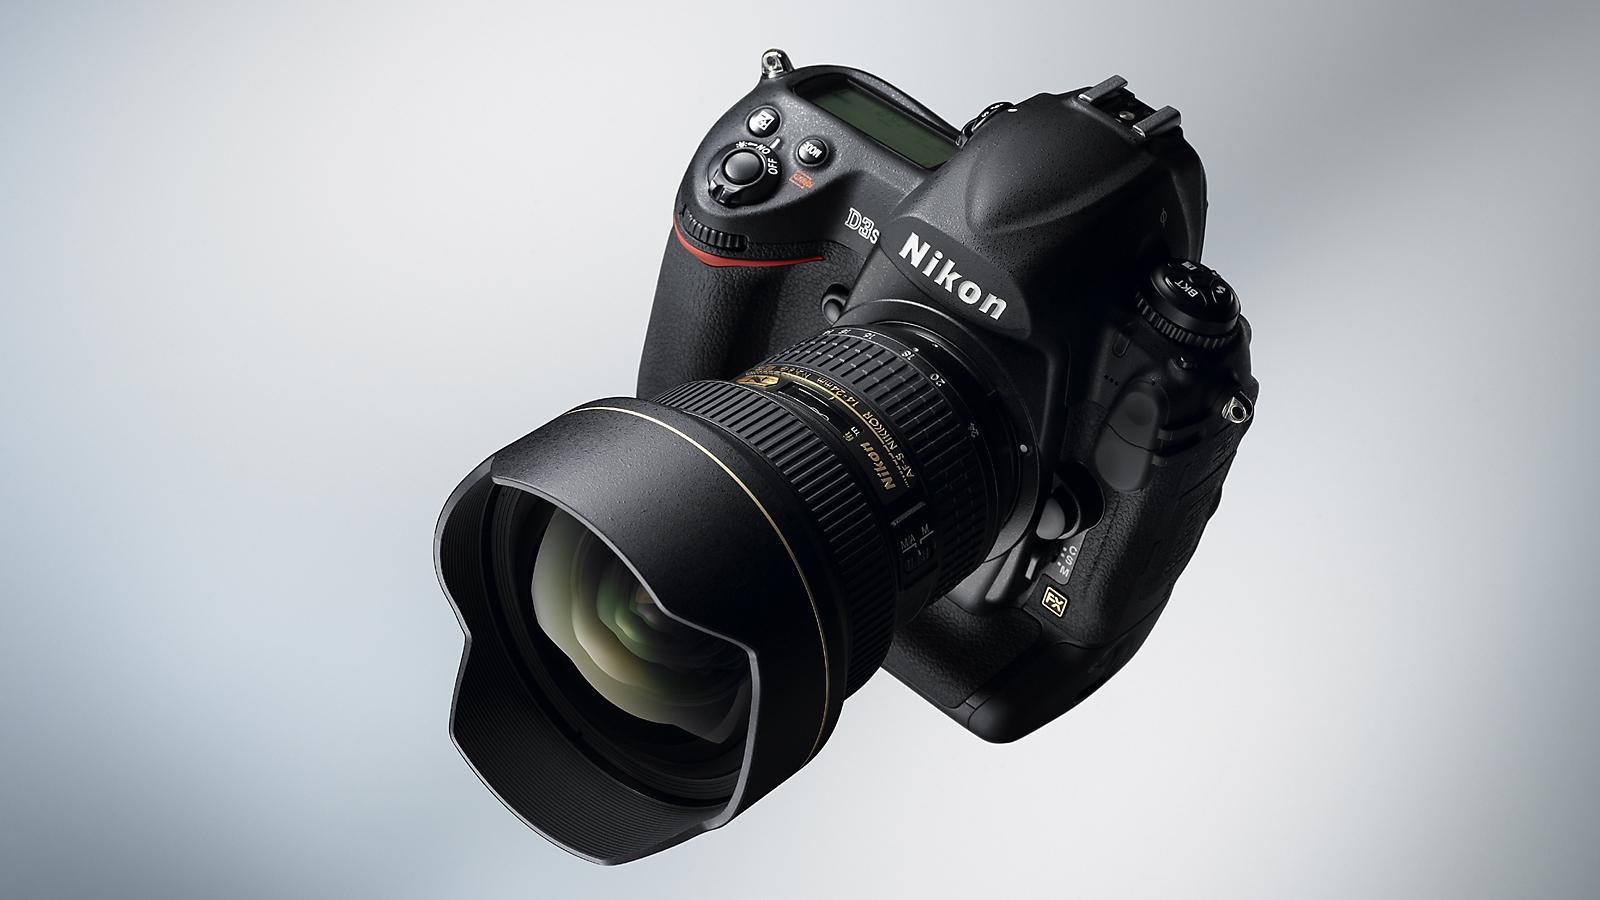 Nikon D3/D3s